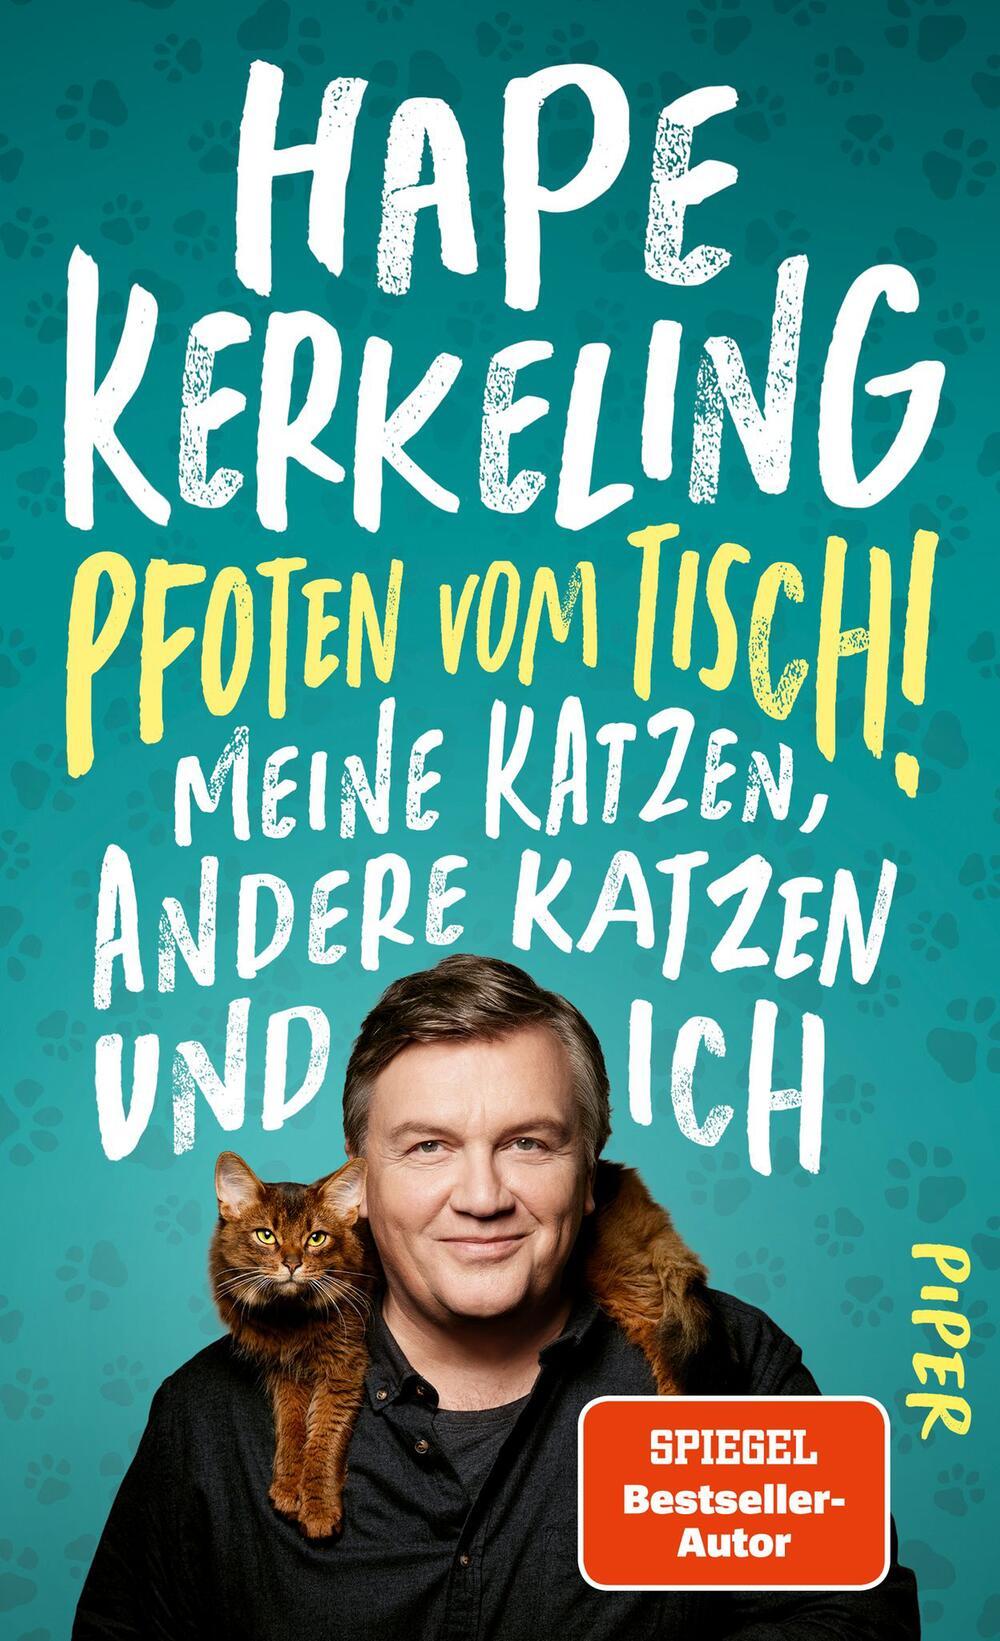 """""""Pfoten vom Tisch!"""" von Hape Kerkeling"""